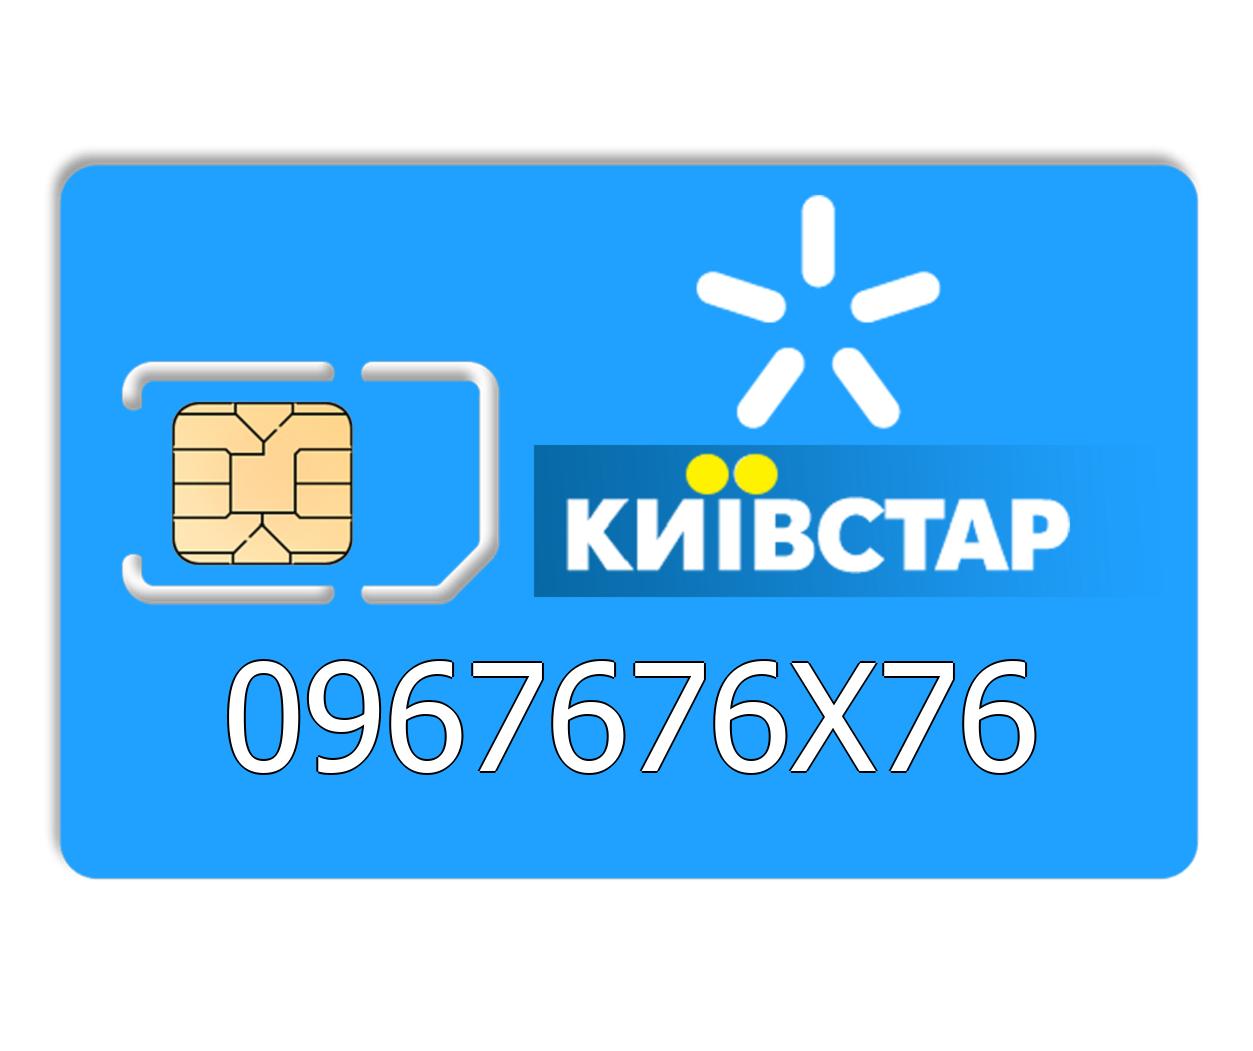 Красивый номер Киевстар 0967676X76